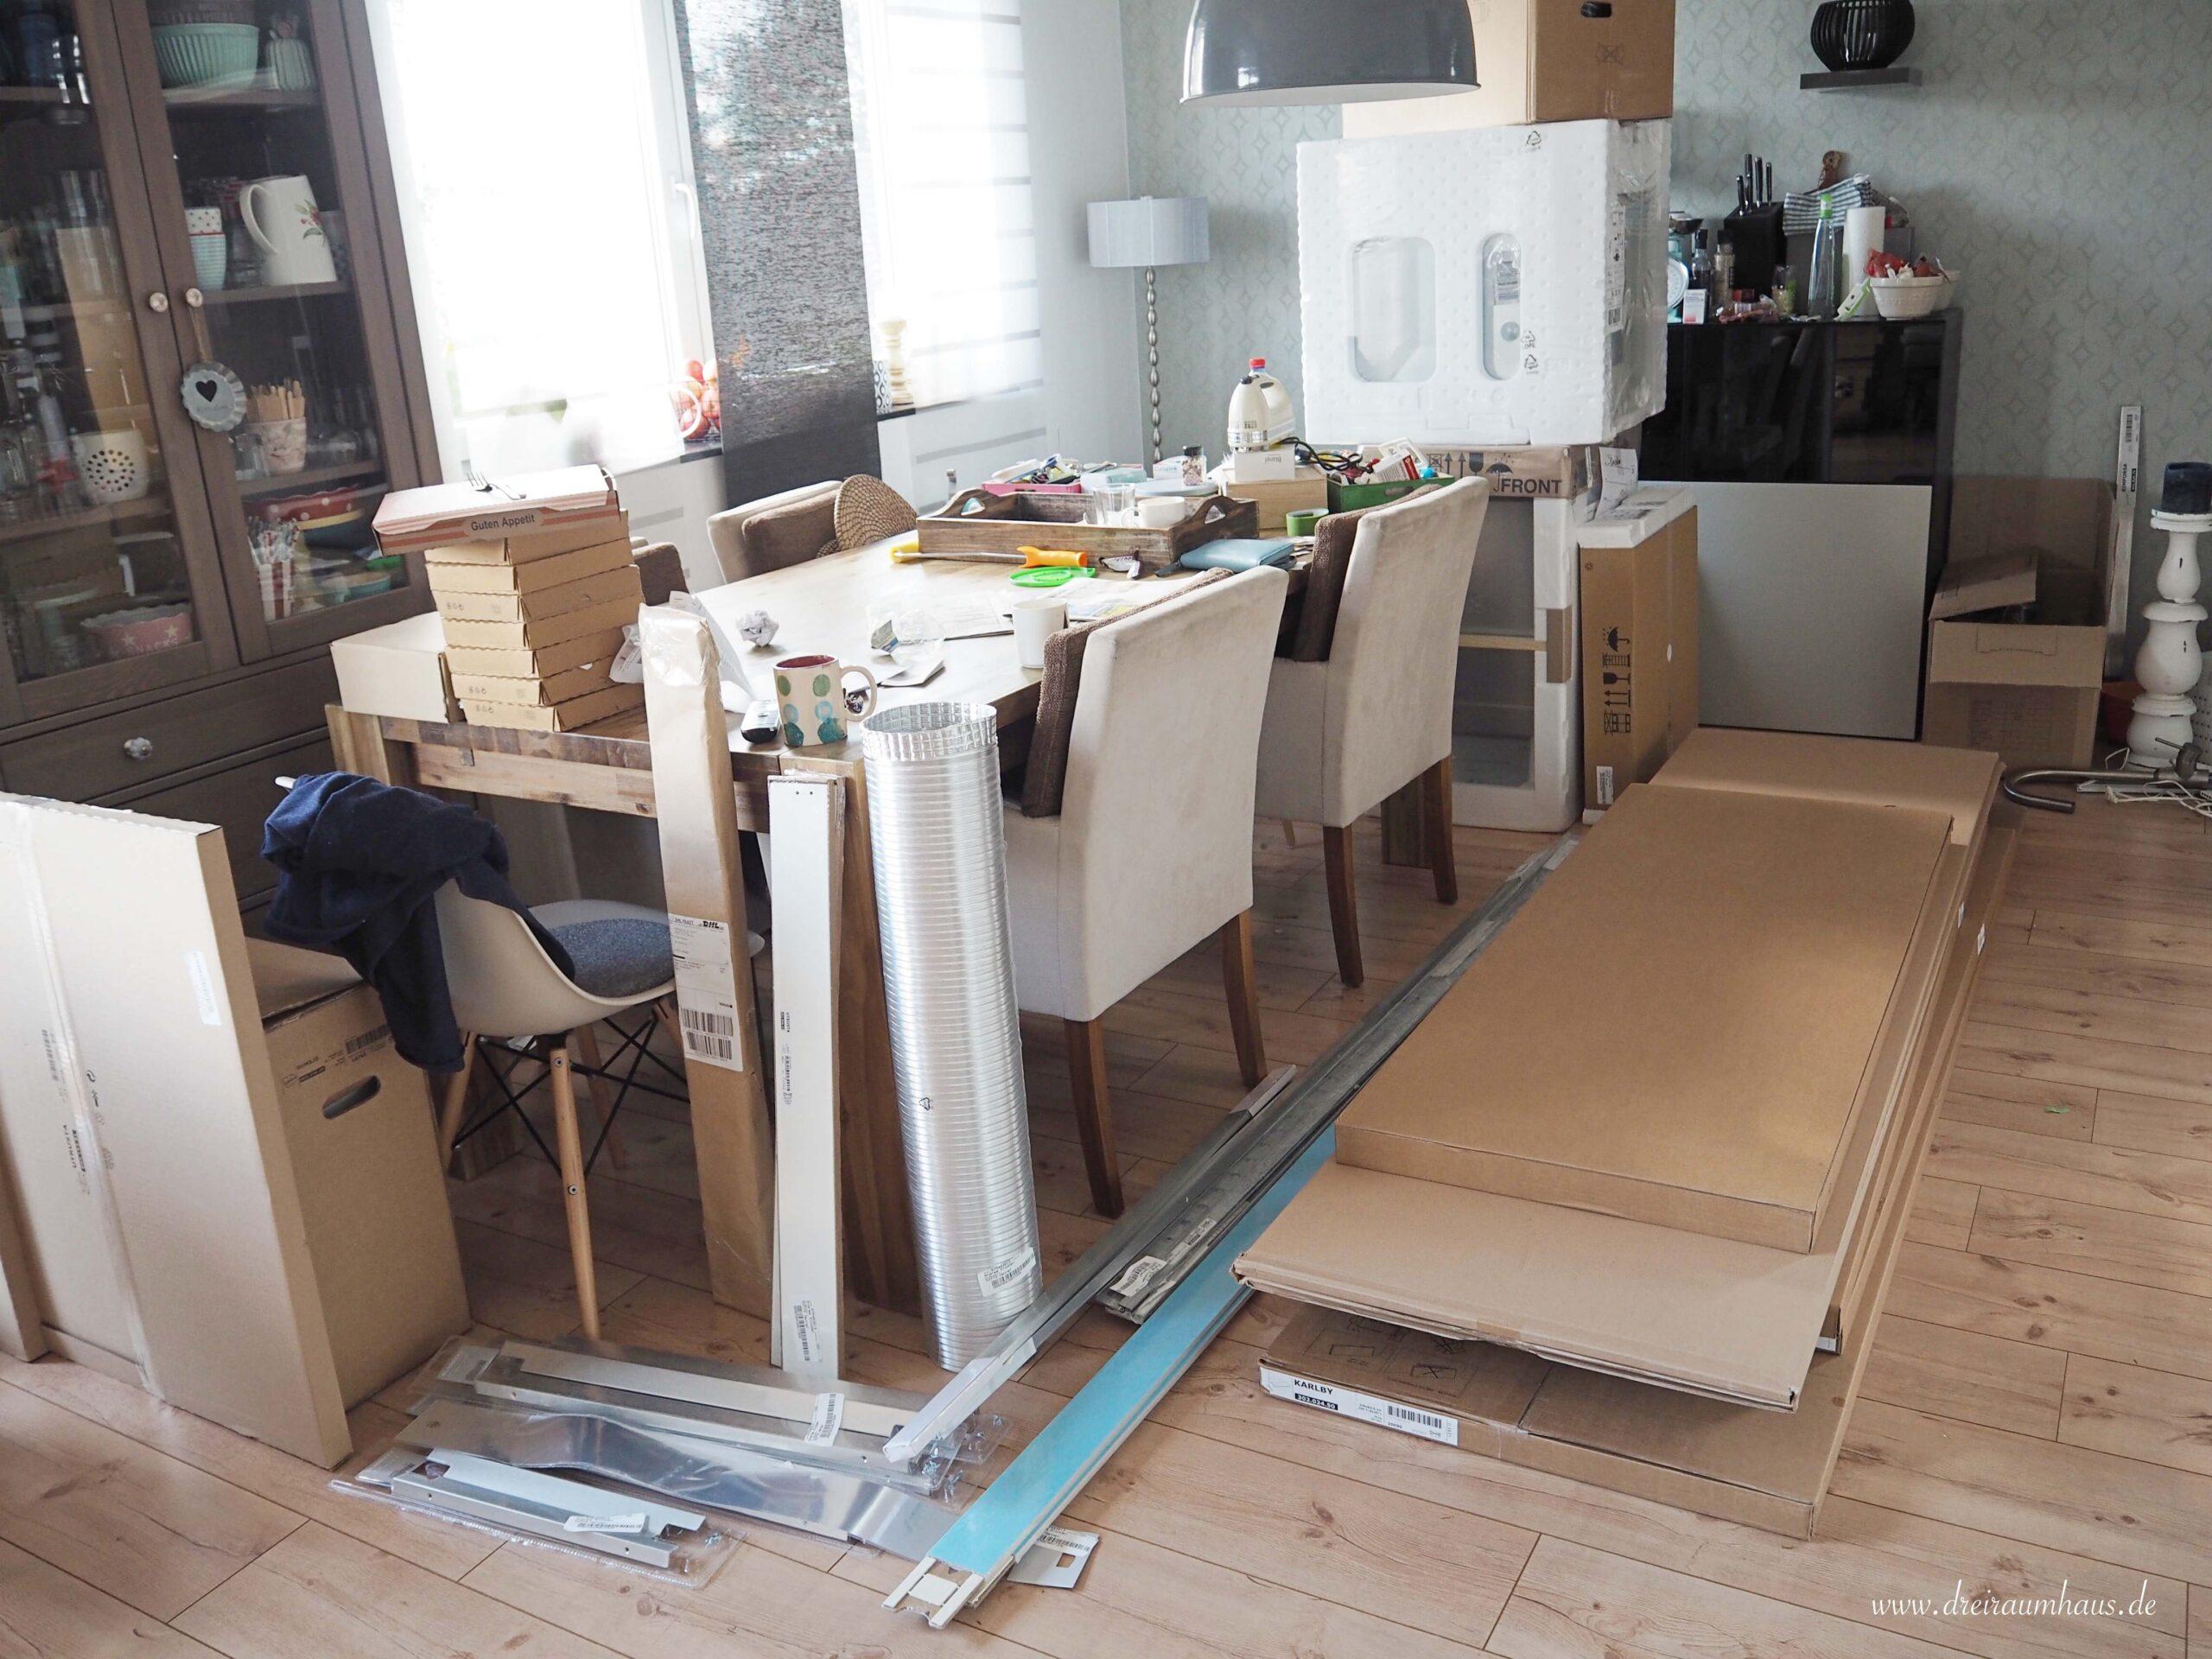 Full Size of Küchenrückwände Ikea Küche Kaufen Miniküche Sofa Mit Schlaffunktion Kosten Betten 160x200 Modulküche Bei Wohnzimmer Küchenrückwände Ikea